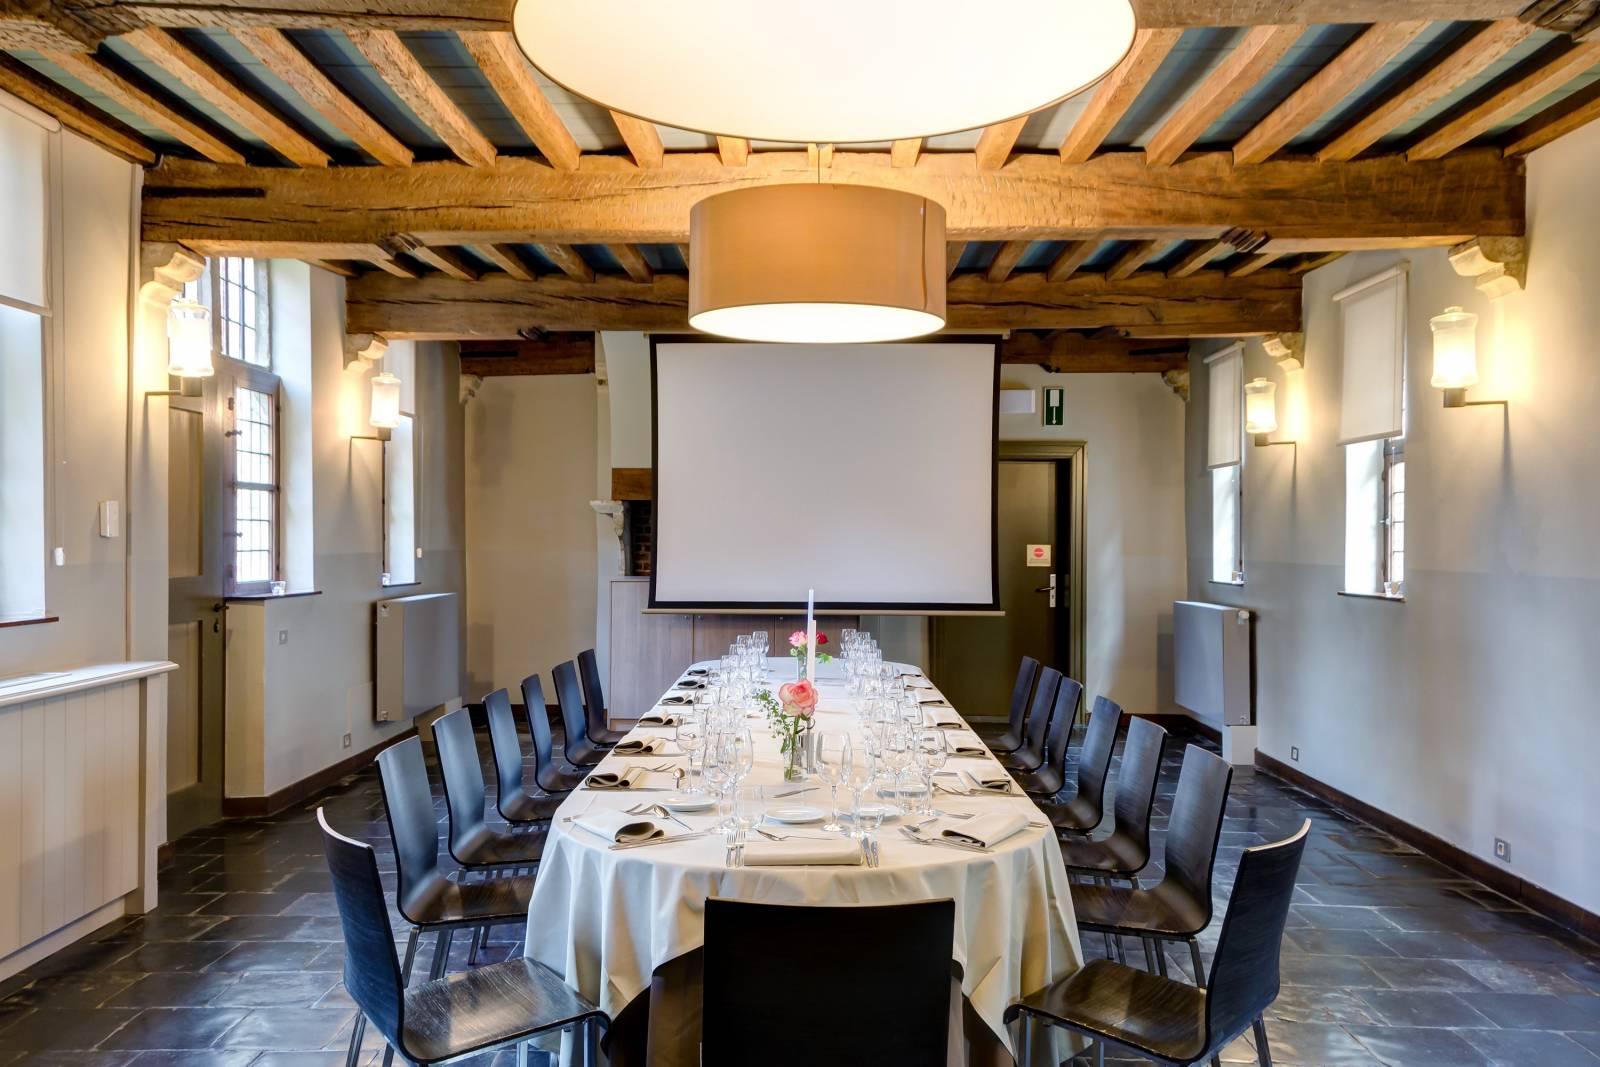 Faculty Club - Feestzaal - Feestlocatie - Rustiek - Historisch - Leuven (Vlaams-Brabant) - House of Events - 54